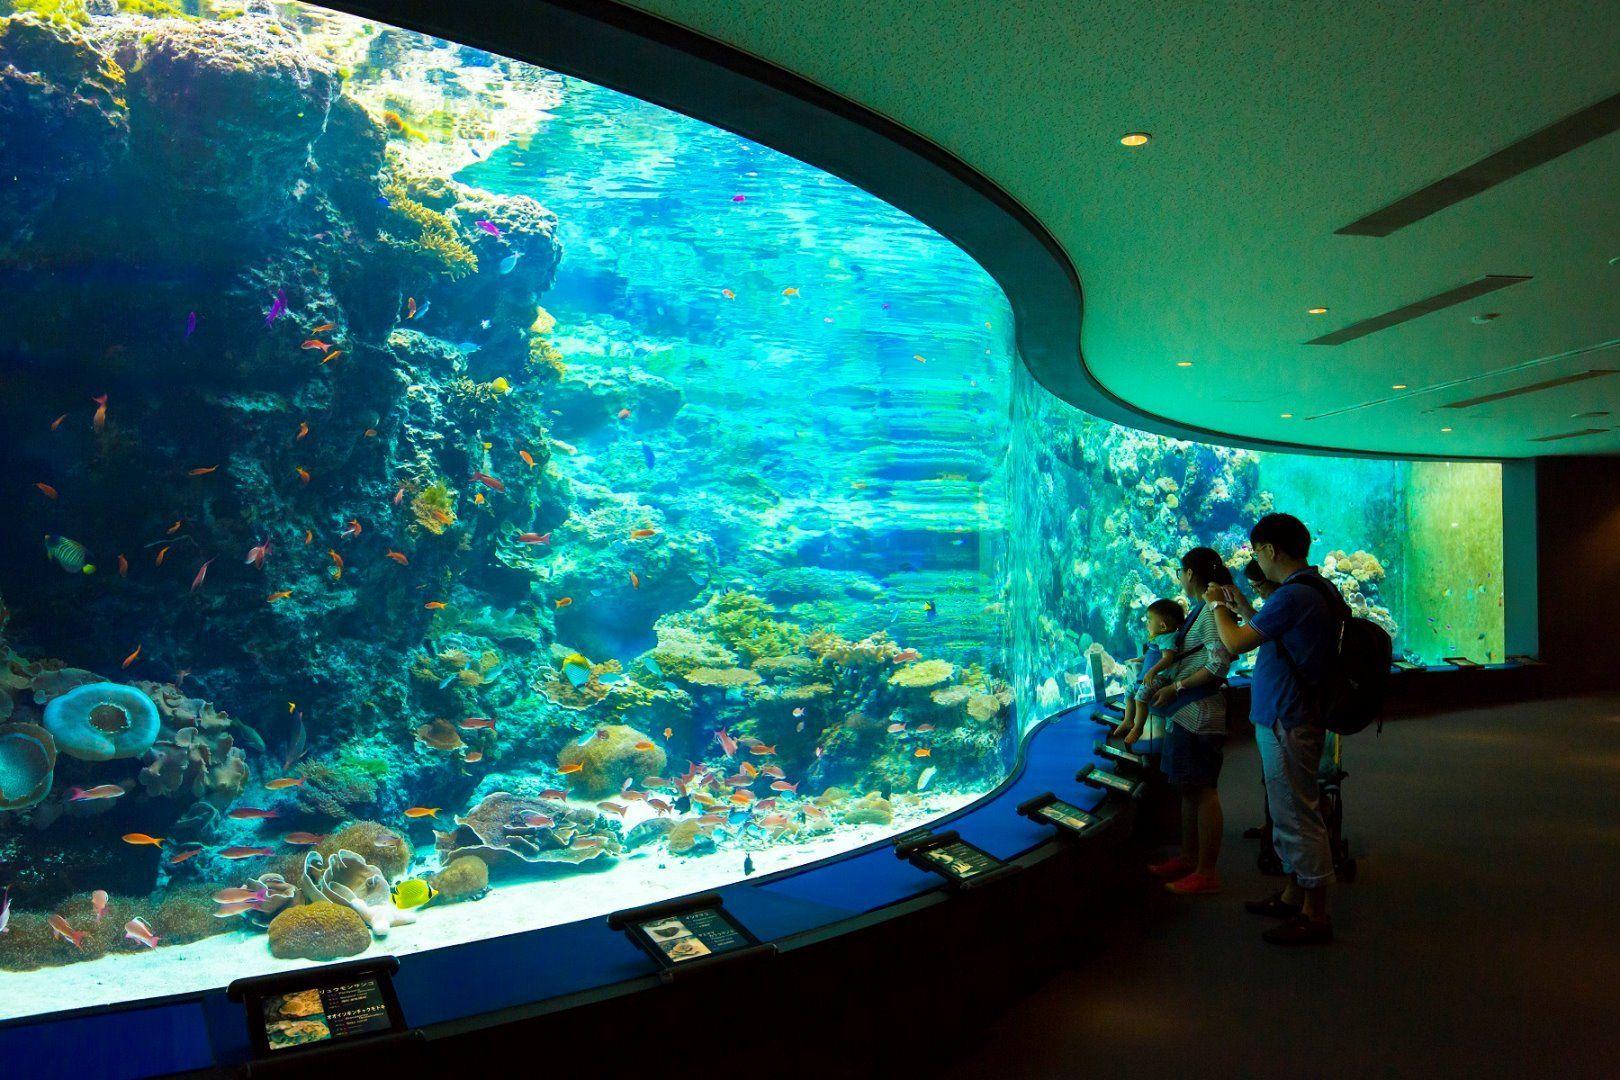 Japan Okinawa Churami Aquarium